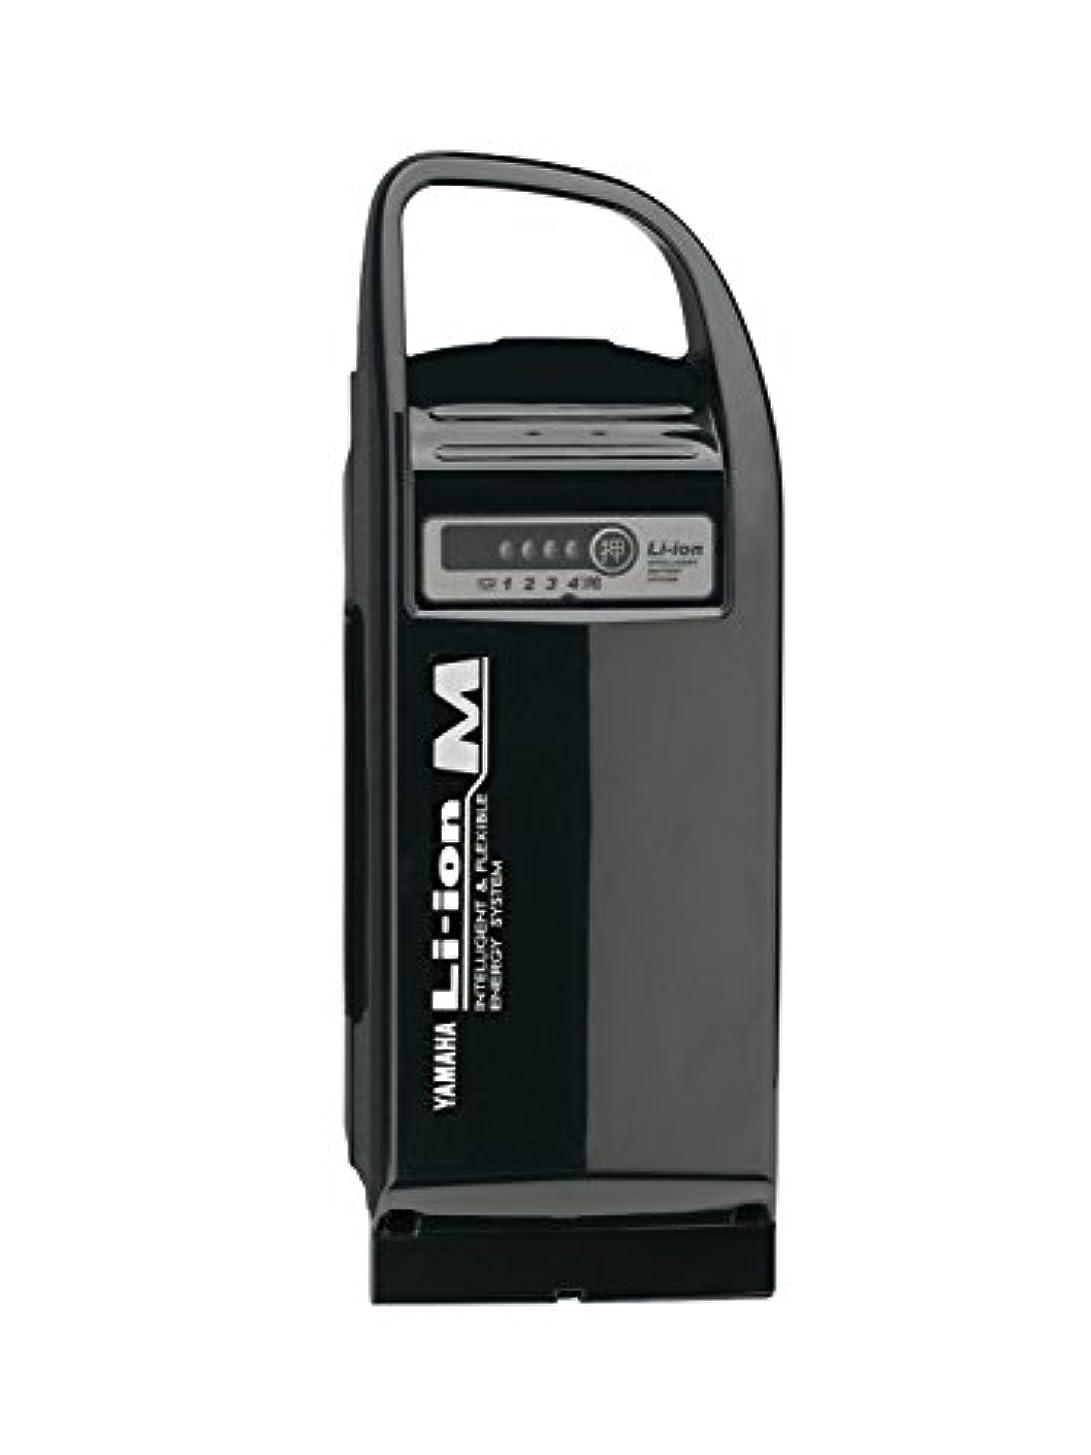 実質的に喜劇エクスタシーヤマハ純正品 04~10年モデル対応 リチウムMバッテリー 6.0Ah X56-22 ブラック ヤマハPAS専用【90793-25114】